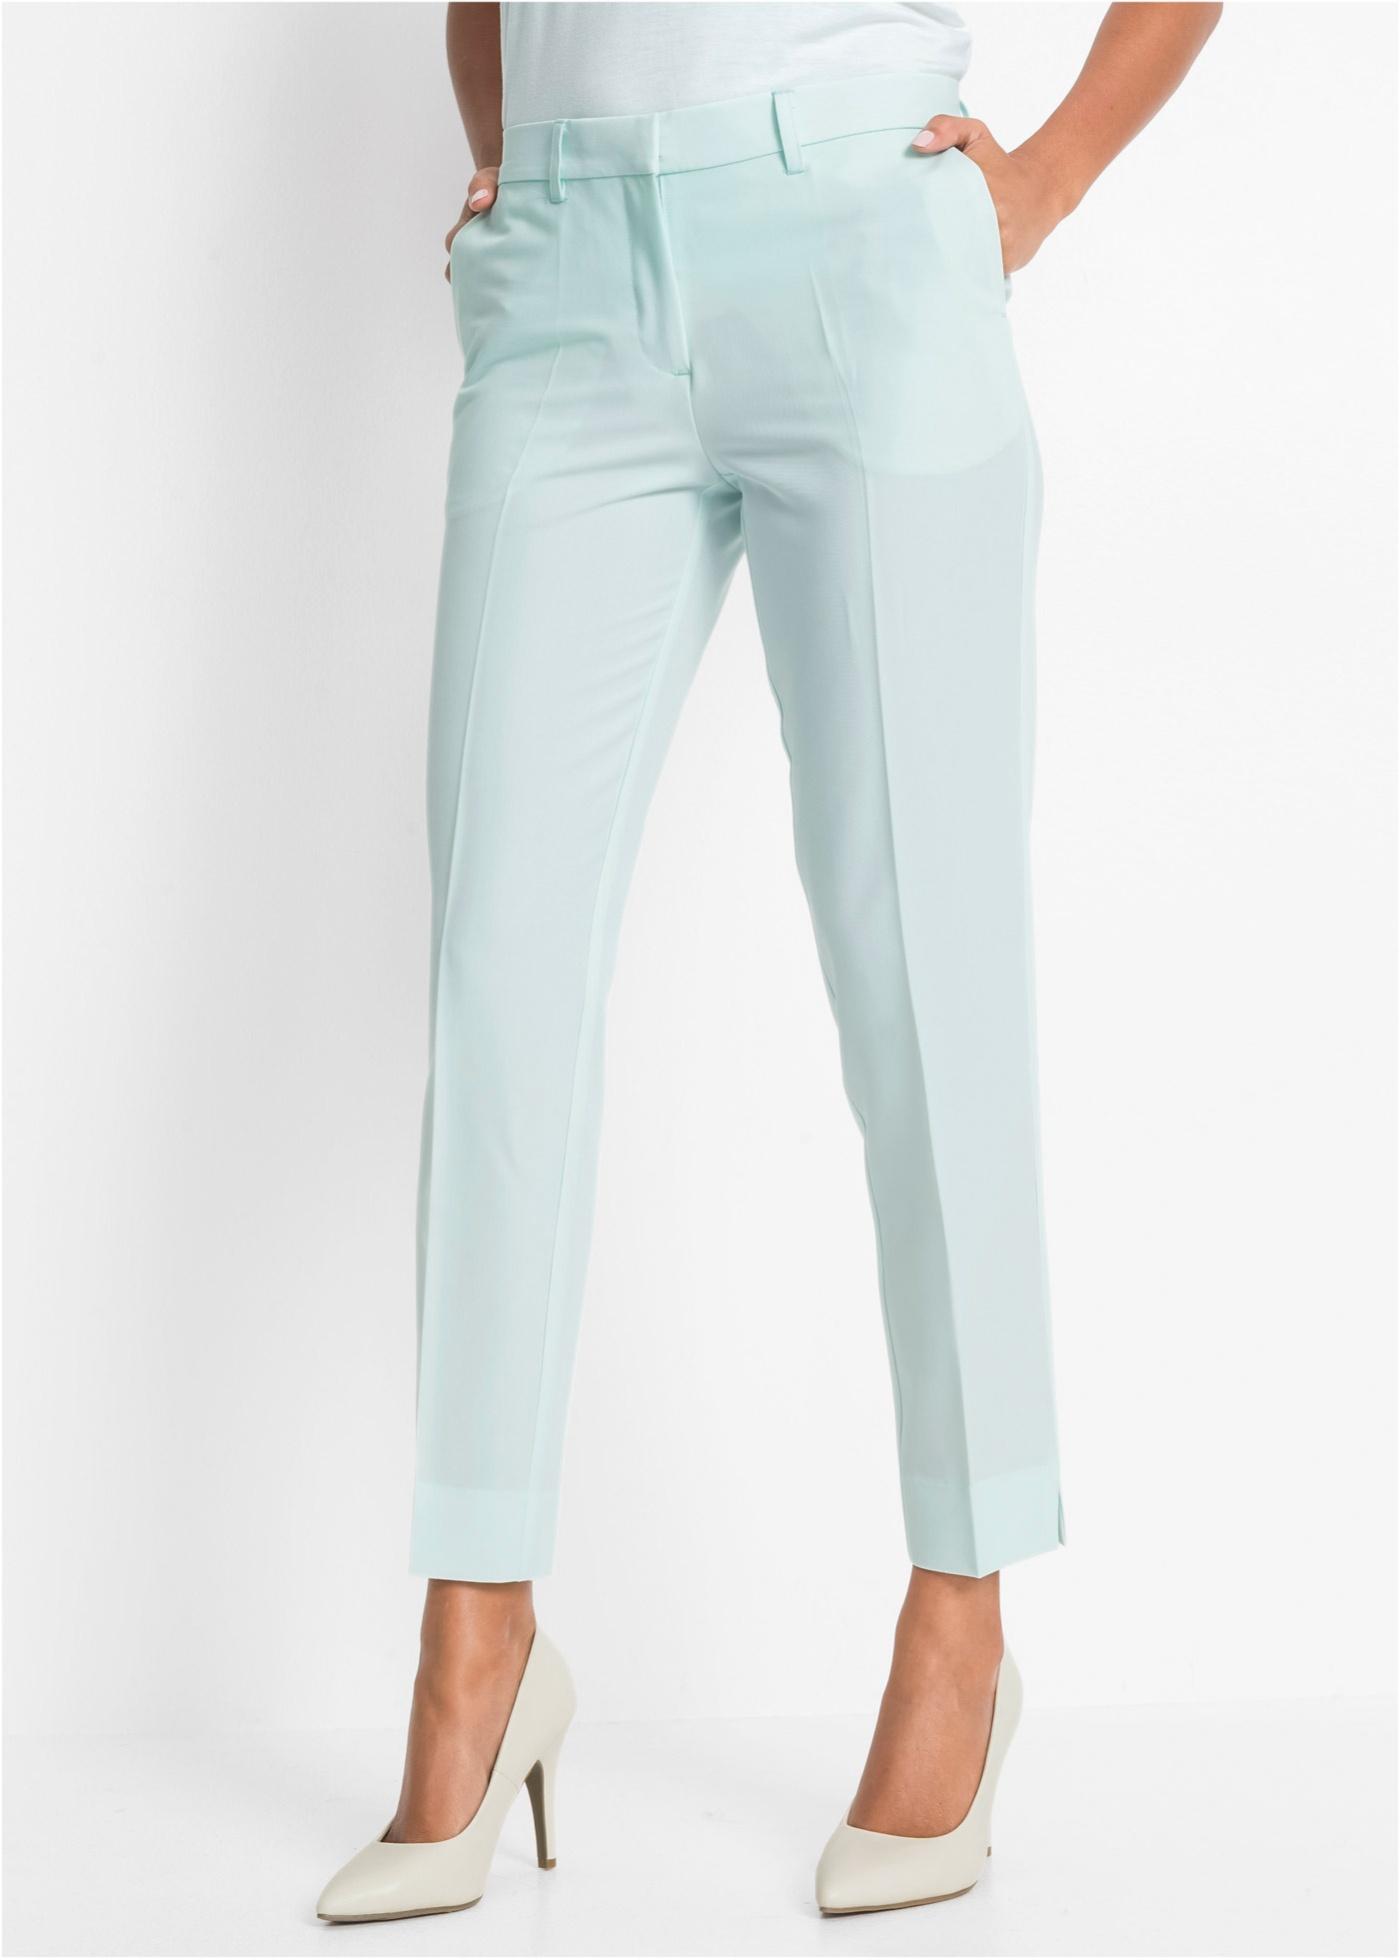 Bonprix Pantalon in 7/8 lengte